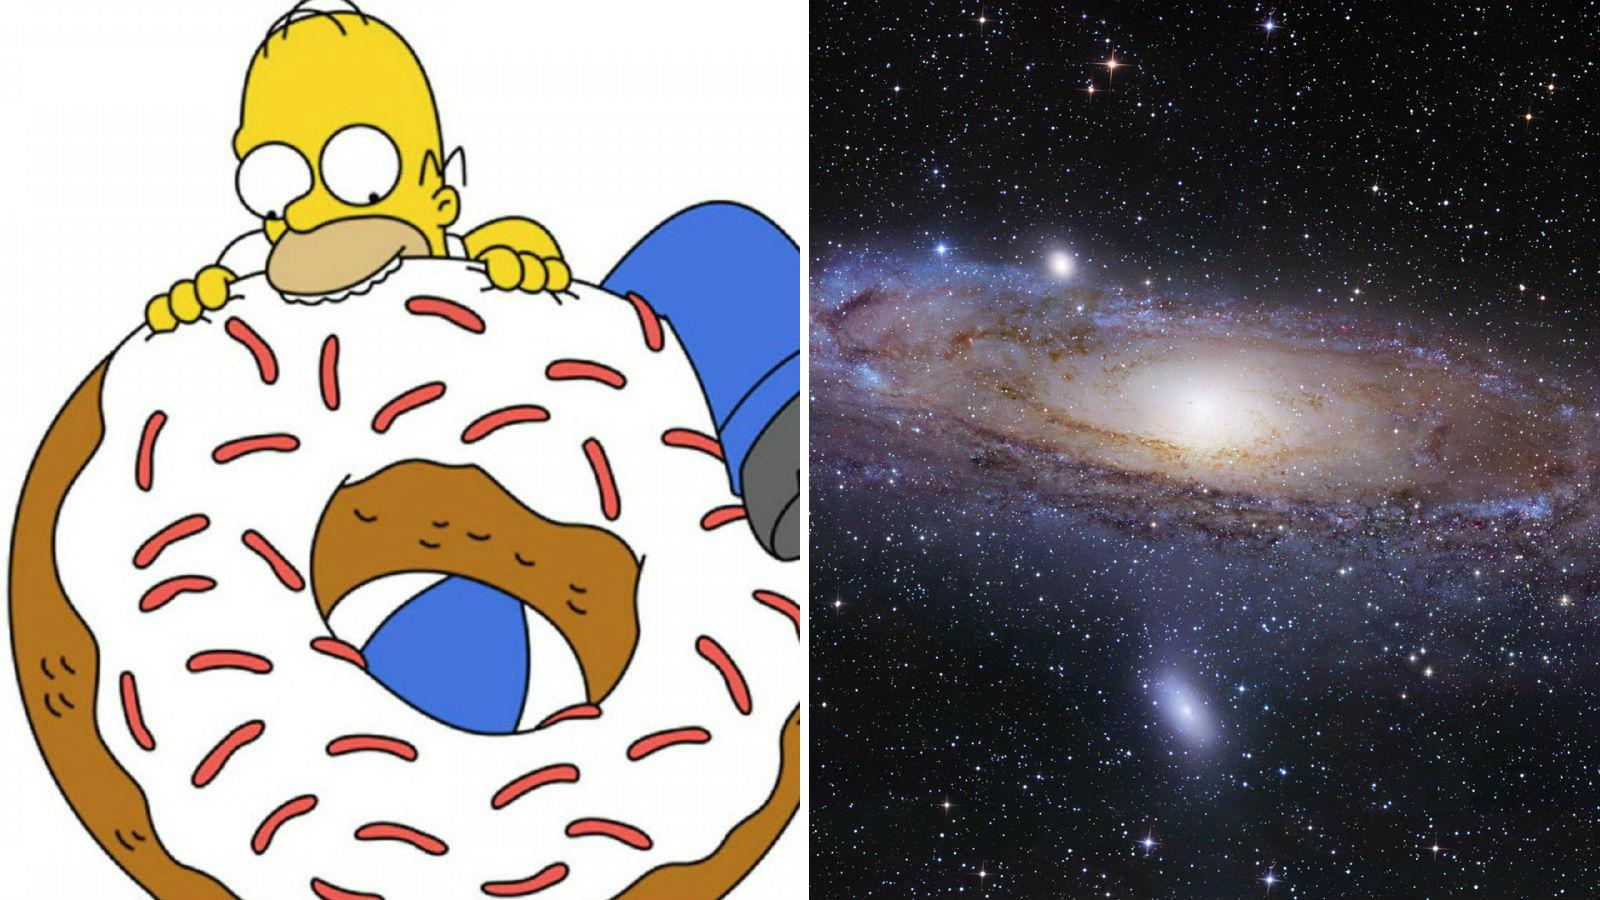 """Az egyik epizód vendégszereplője, Stephen Hawking megemlíti Homérnak, hogy """"A fánk alakú univerzumról szóló ötleted felcsigáz engem, lehet, hogy el kell lopnom."""" A NASA 13 évvel később jelentette be, hogy 99.6 %-ban biztosak abban, hogy az univerzum egyszerre kerek és lapos. (Fox Film Corporation/ Bloomberg)"""